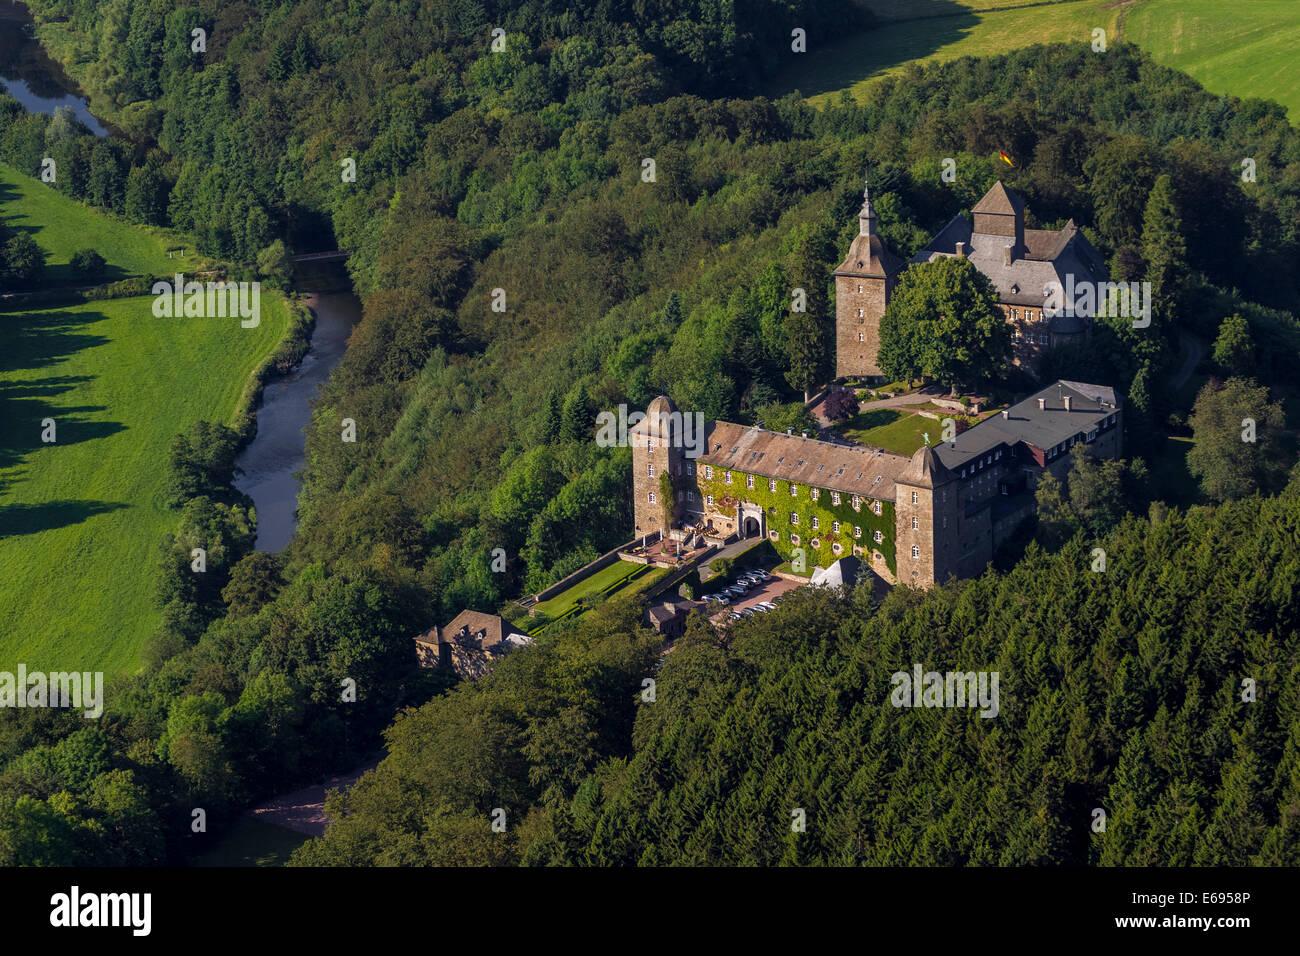 Hotel Burg Schnellenberg, aerial view, Attendorn, Sauerland, North Rhine-Westphalia, Germany Stock Photo